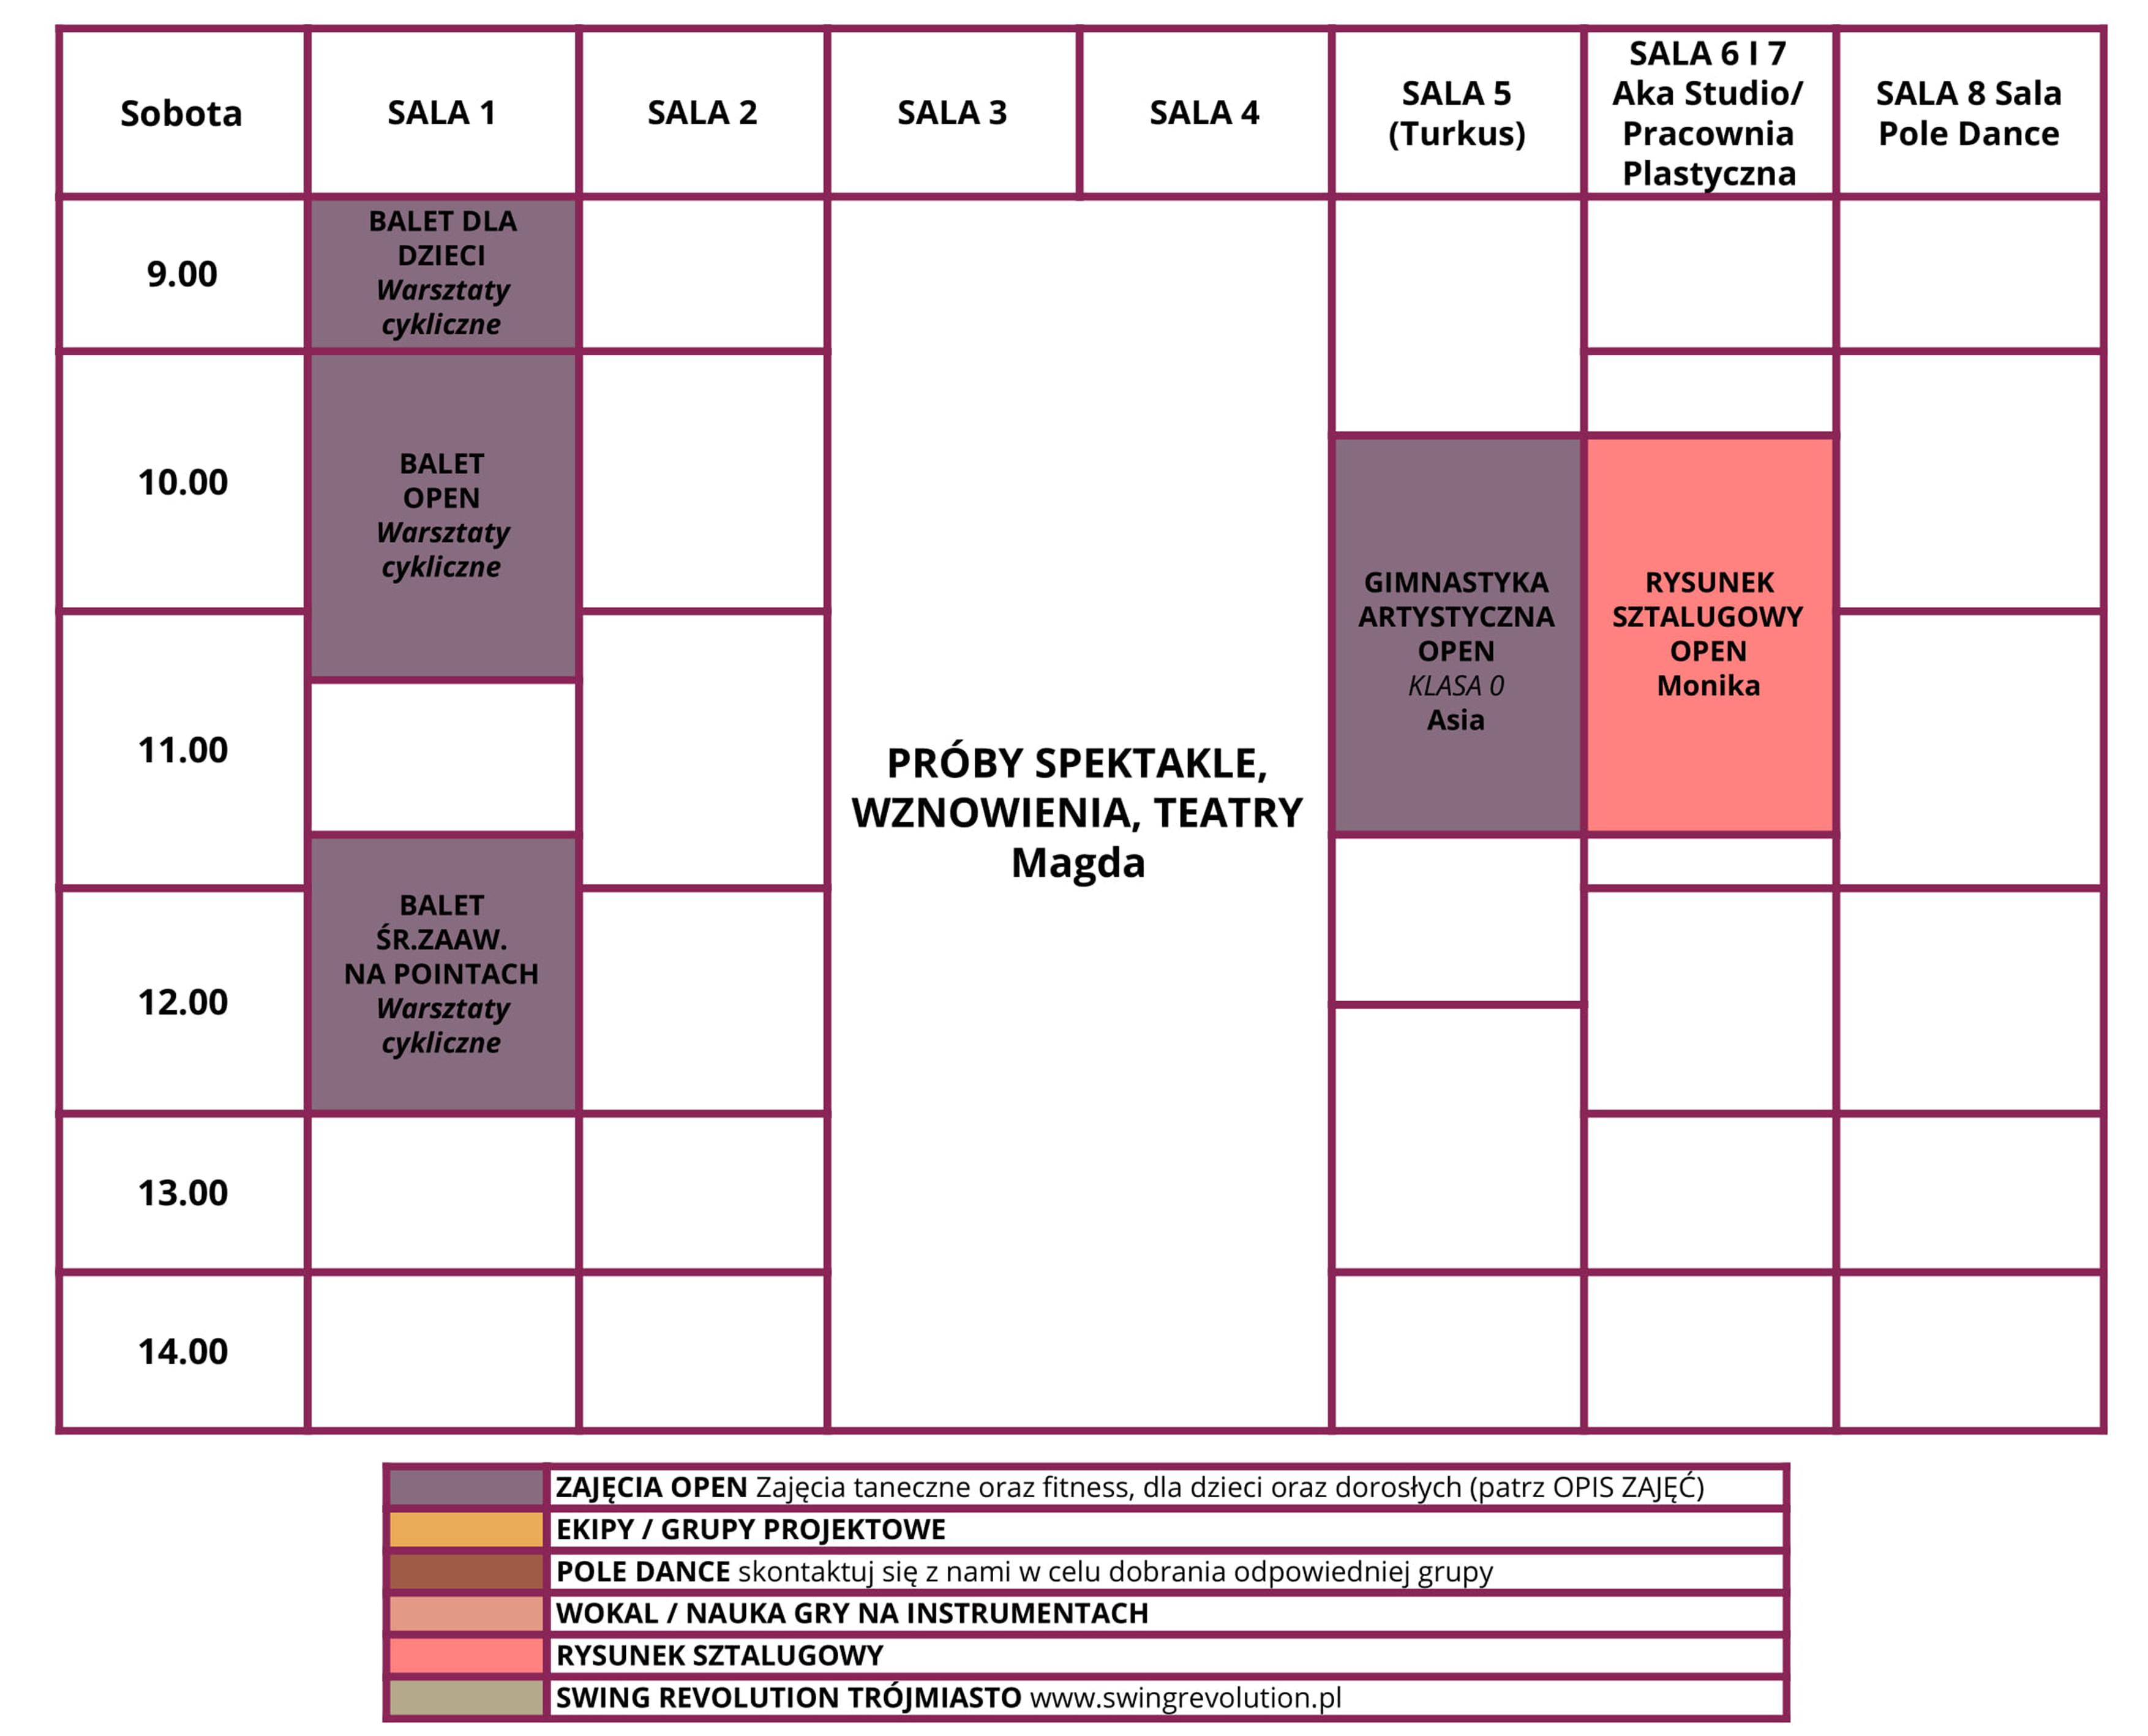 Sobota grafik Akademia Artystyczna